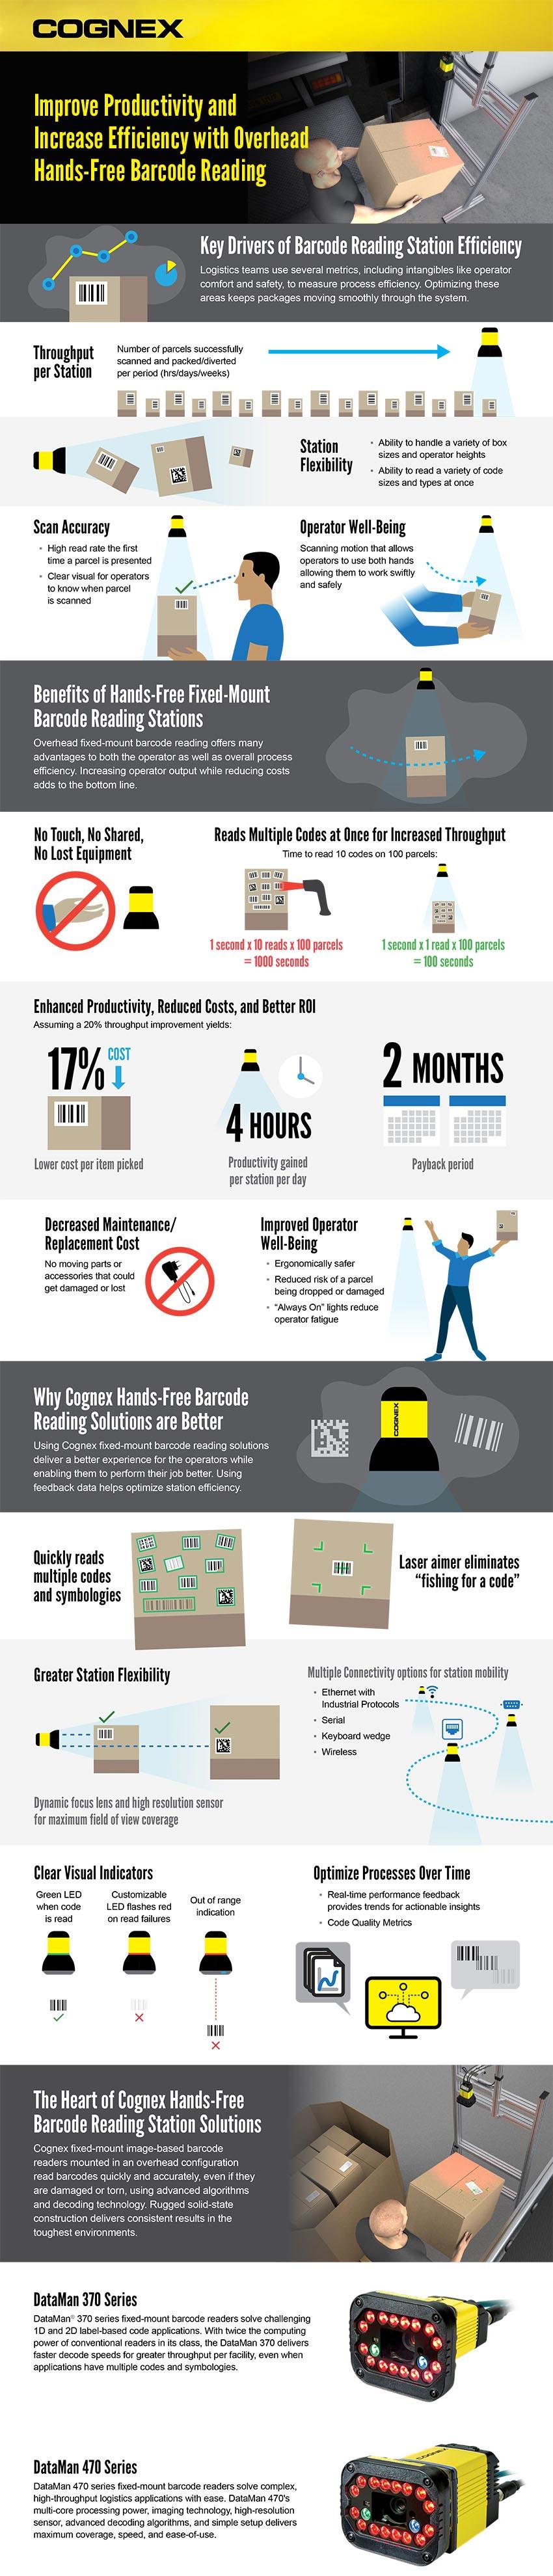 Infografica sul miglioramento della produttività e dell'efficienza con la lettura di codici a barre a mani libere in modalità sospesa